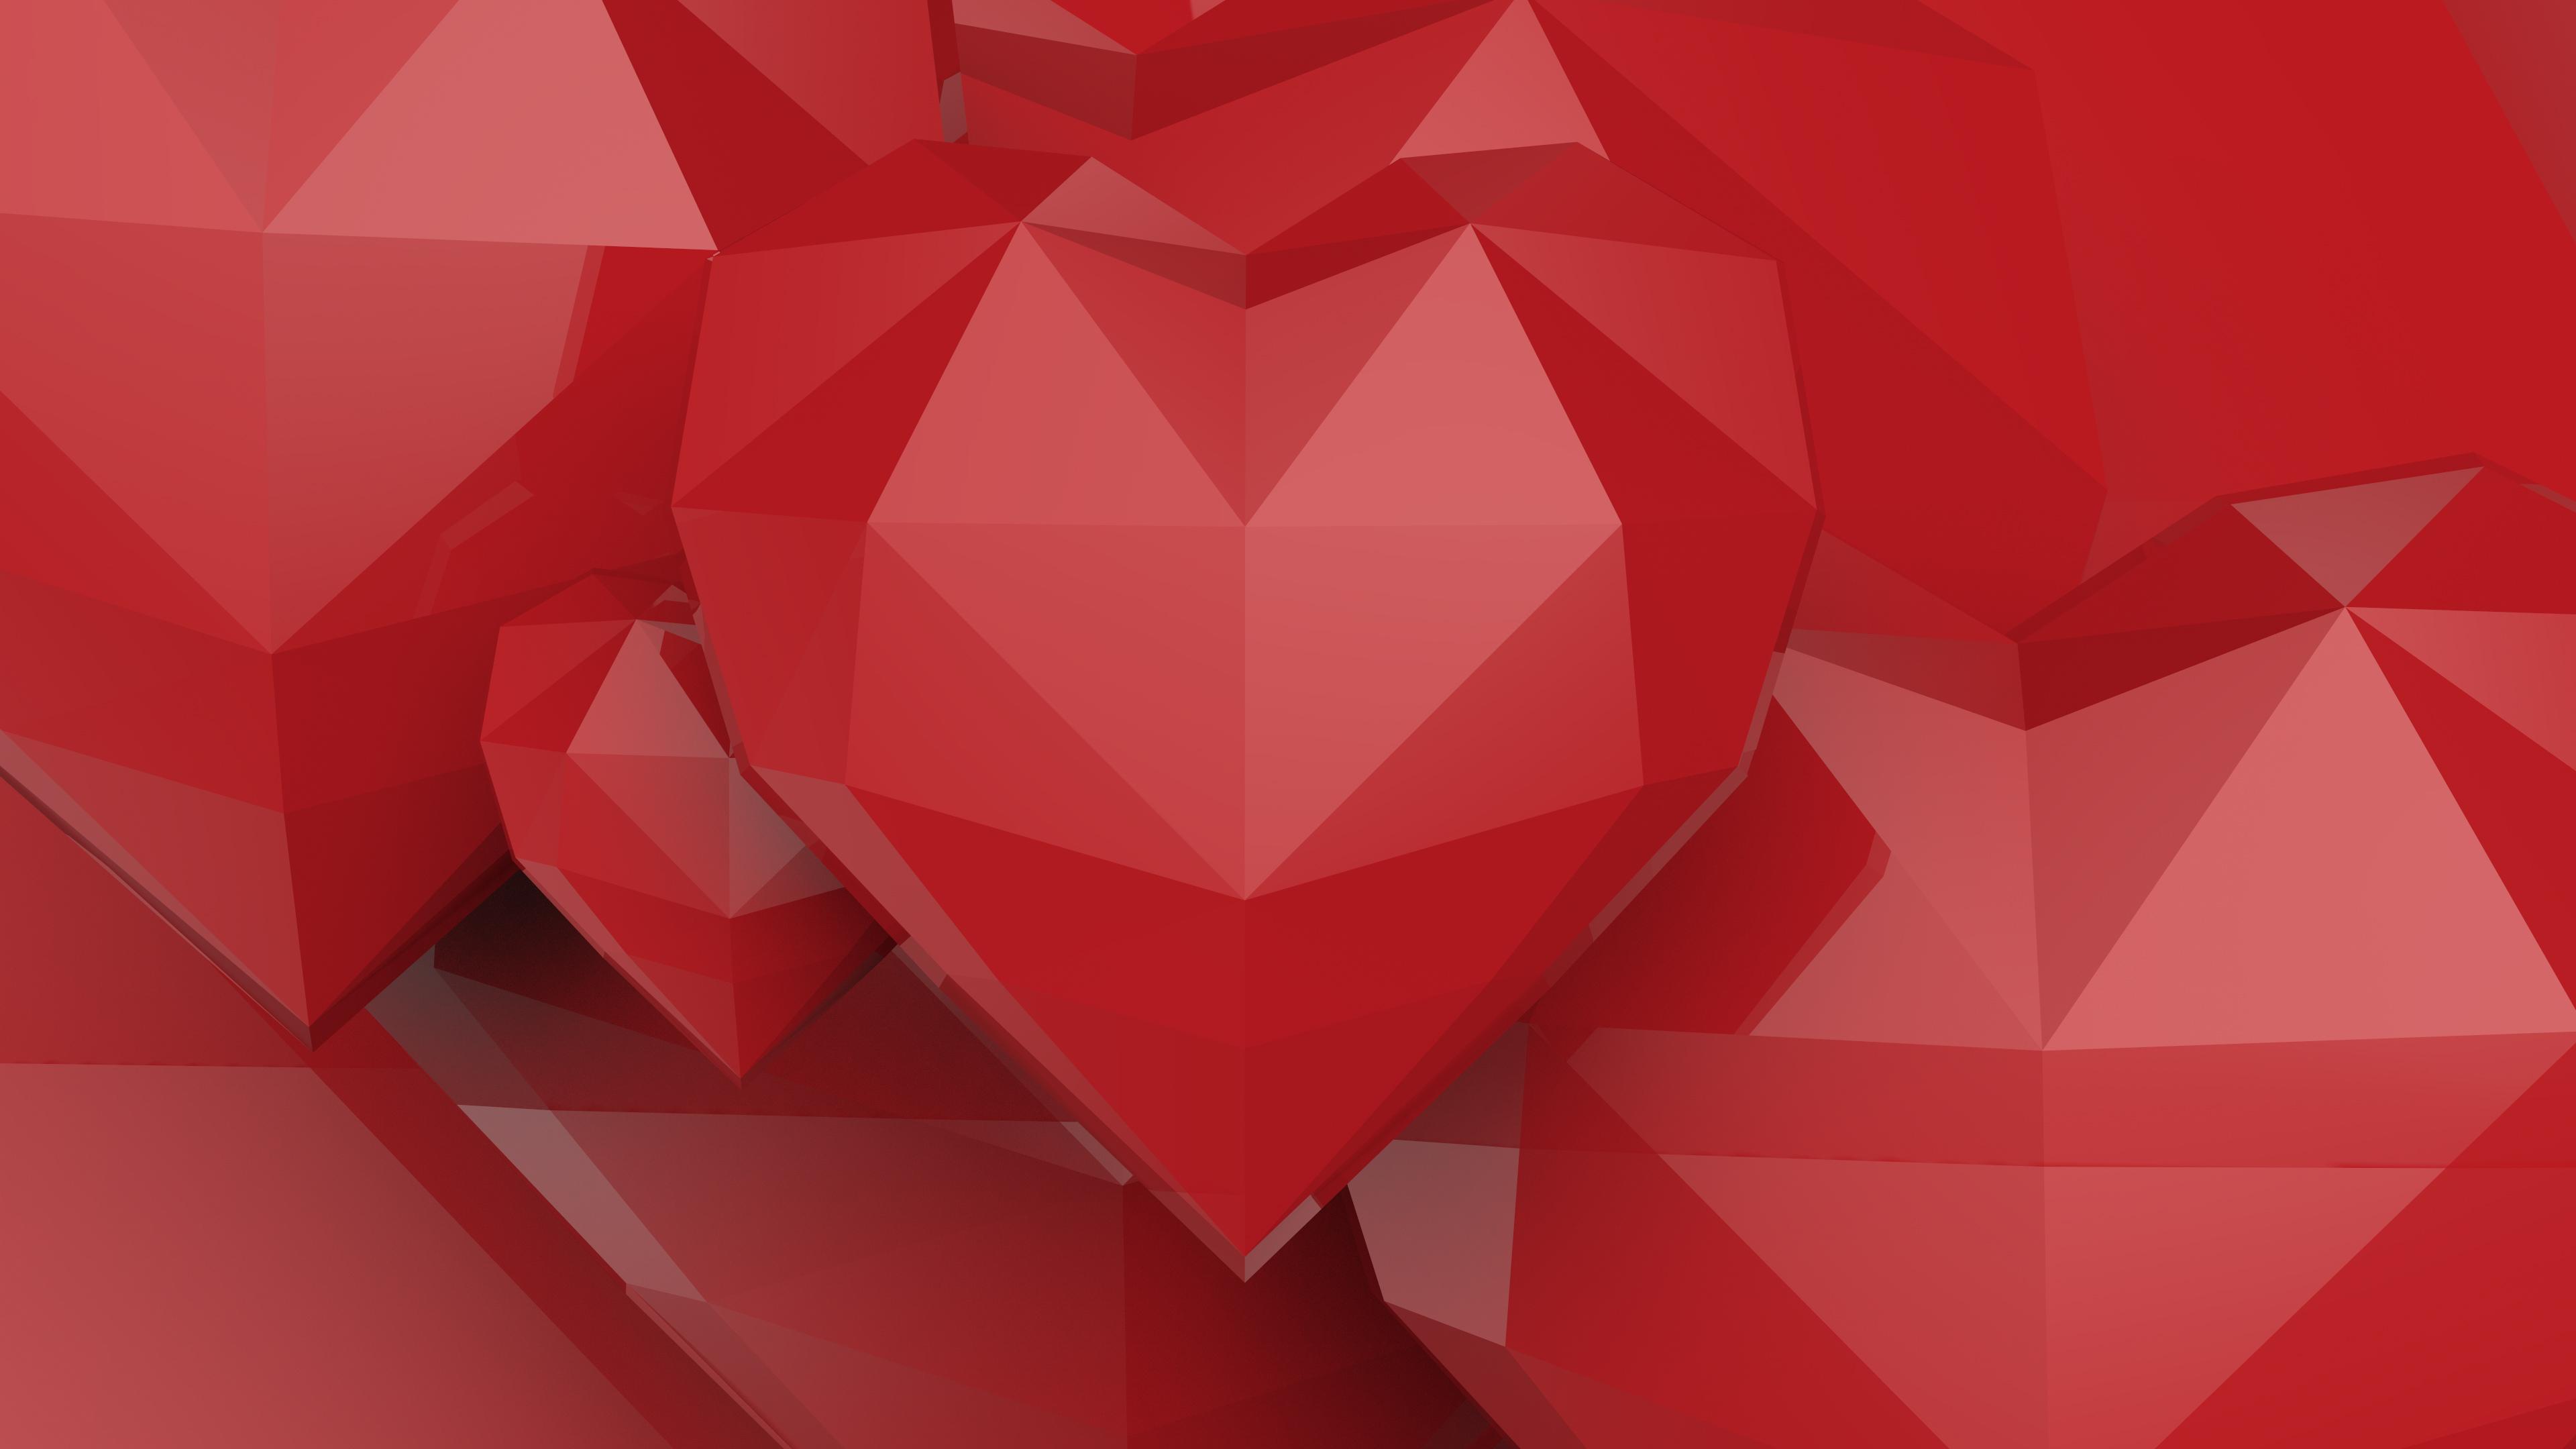 Citaten Hart Ios : Gratis stockfoto van d hart achtergrond behang